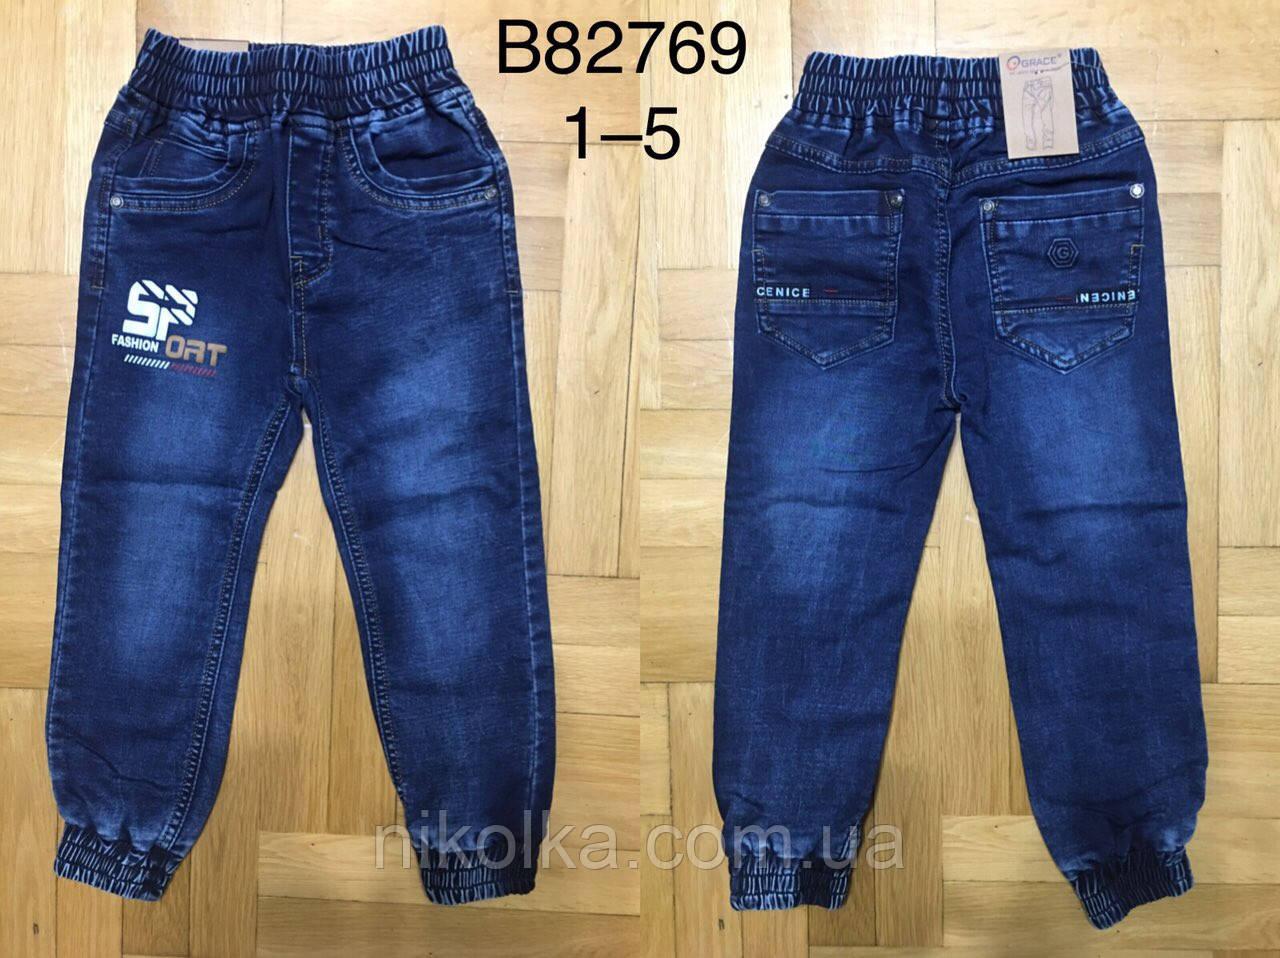 Брюки под джинс для мальчиков оптом, Grace, 1-5 лет, Арт. B82769